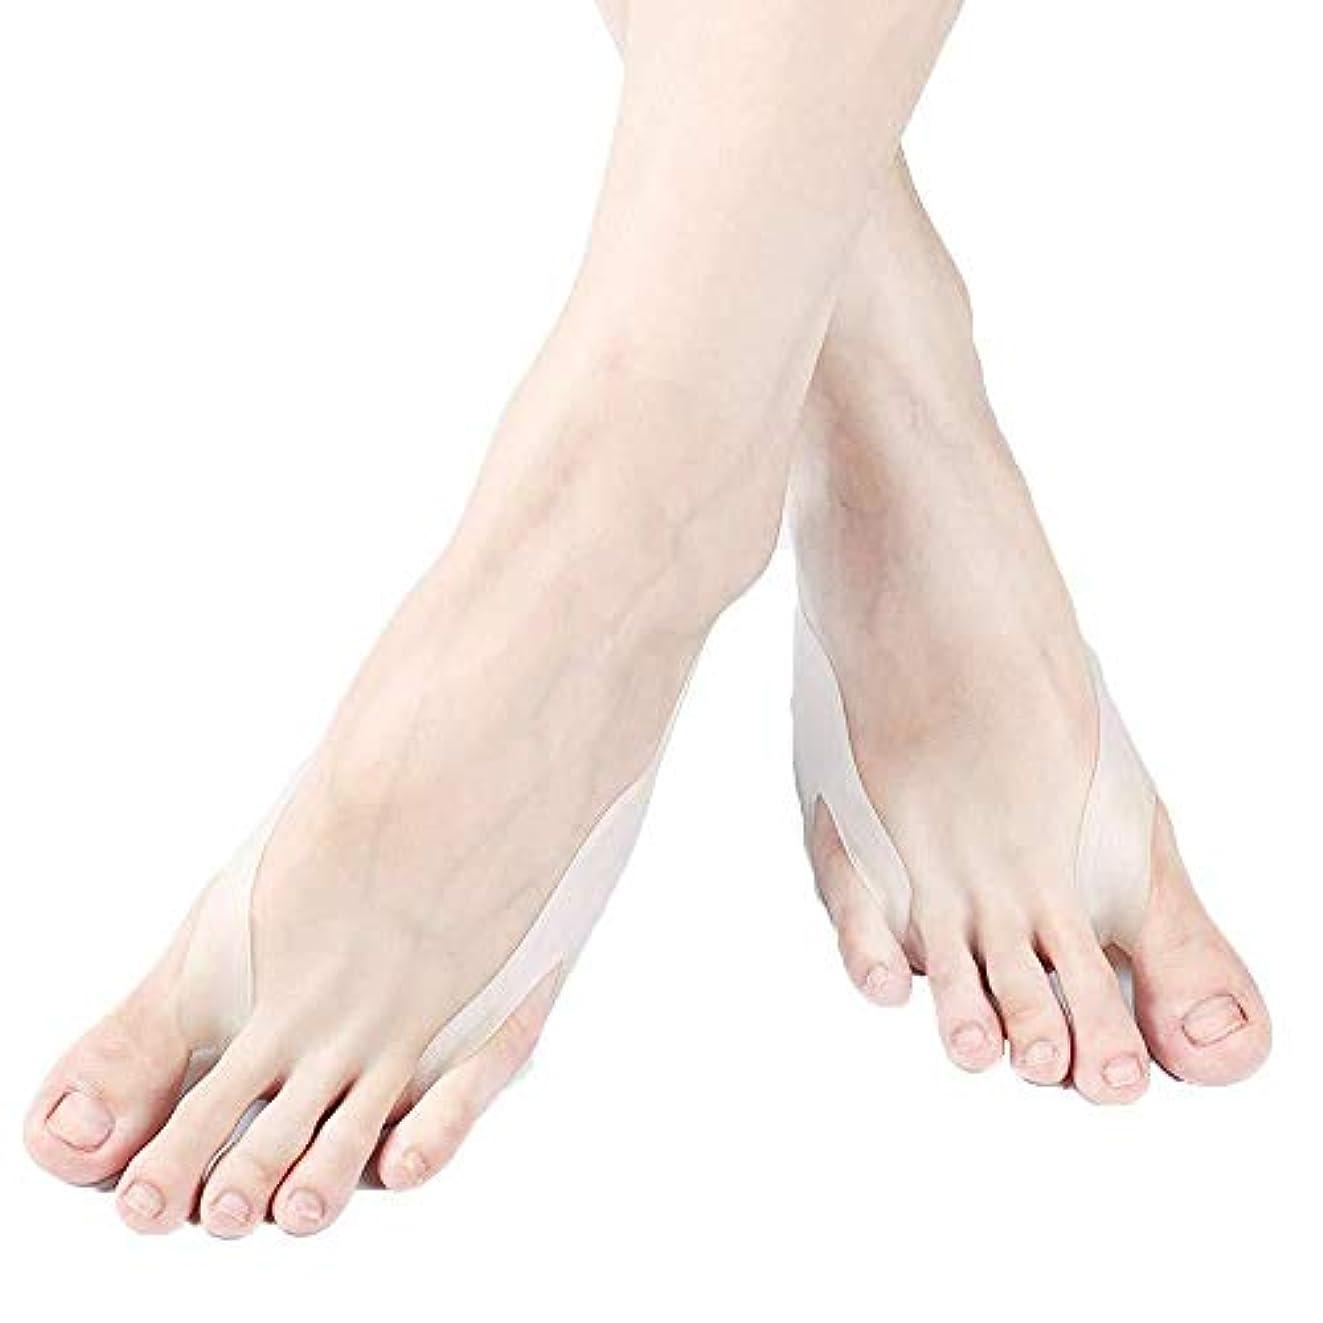 うめき声麻酔薬多数のつま先セパレーター、男性用および女性用ソックスの爪先強度のための夜間および昼間の外反母パッド用のつま先矯正